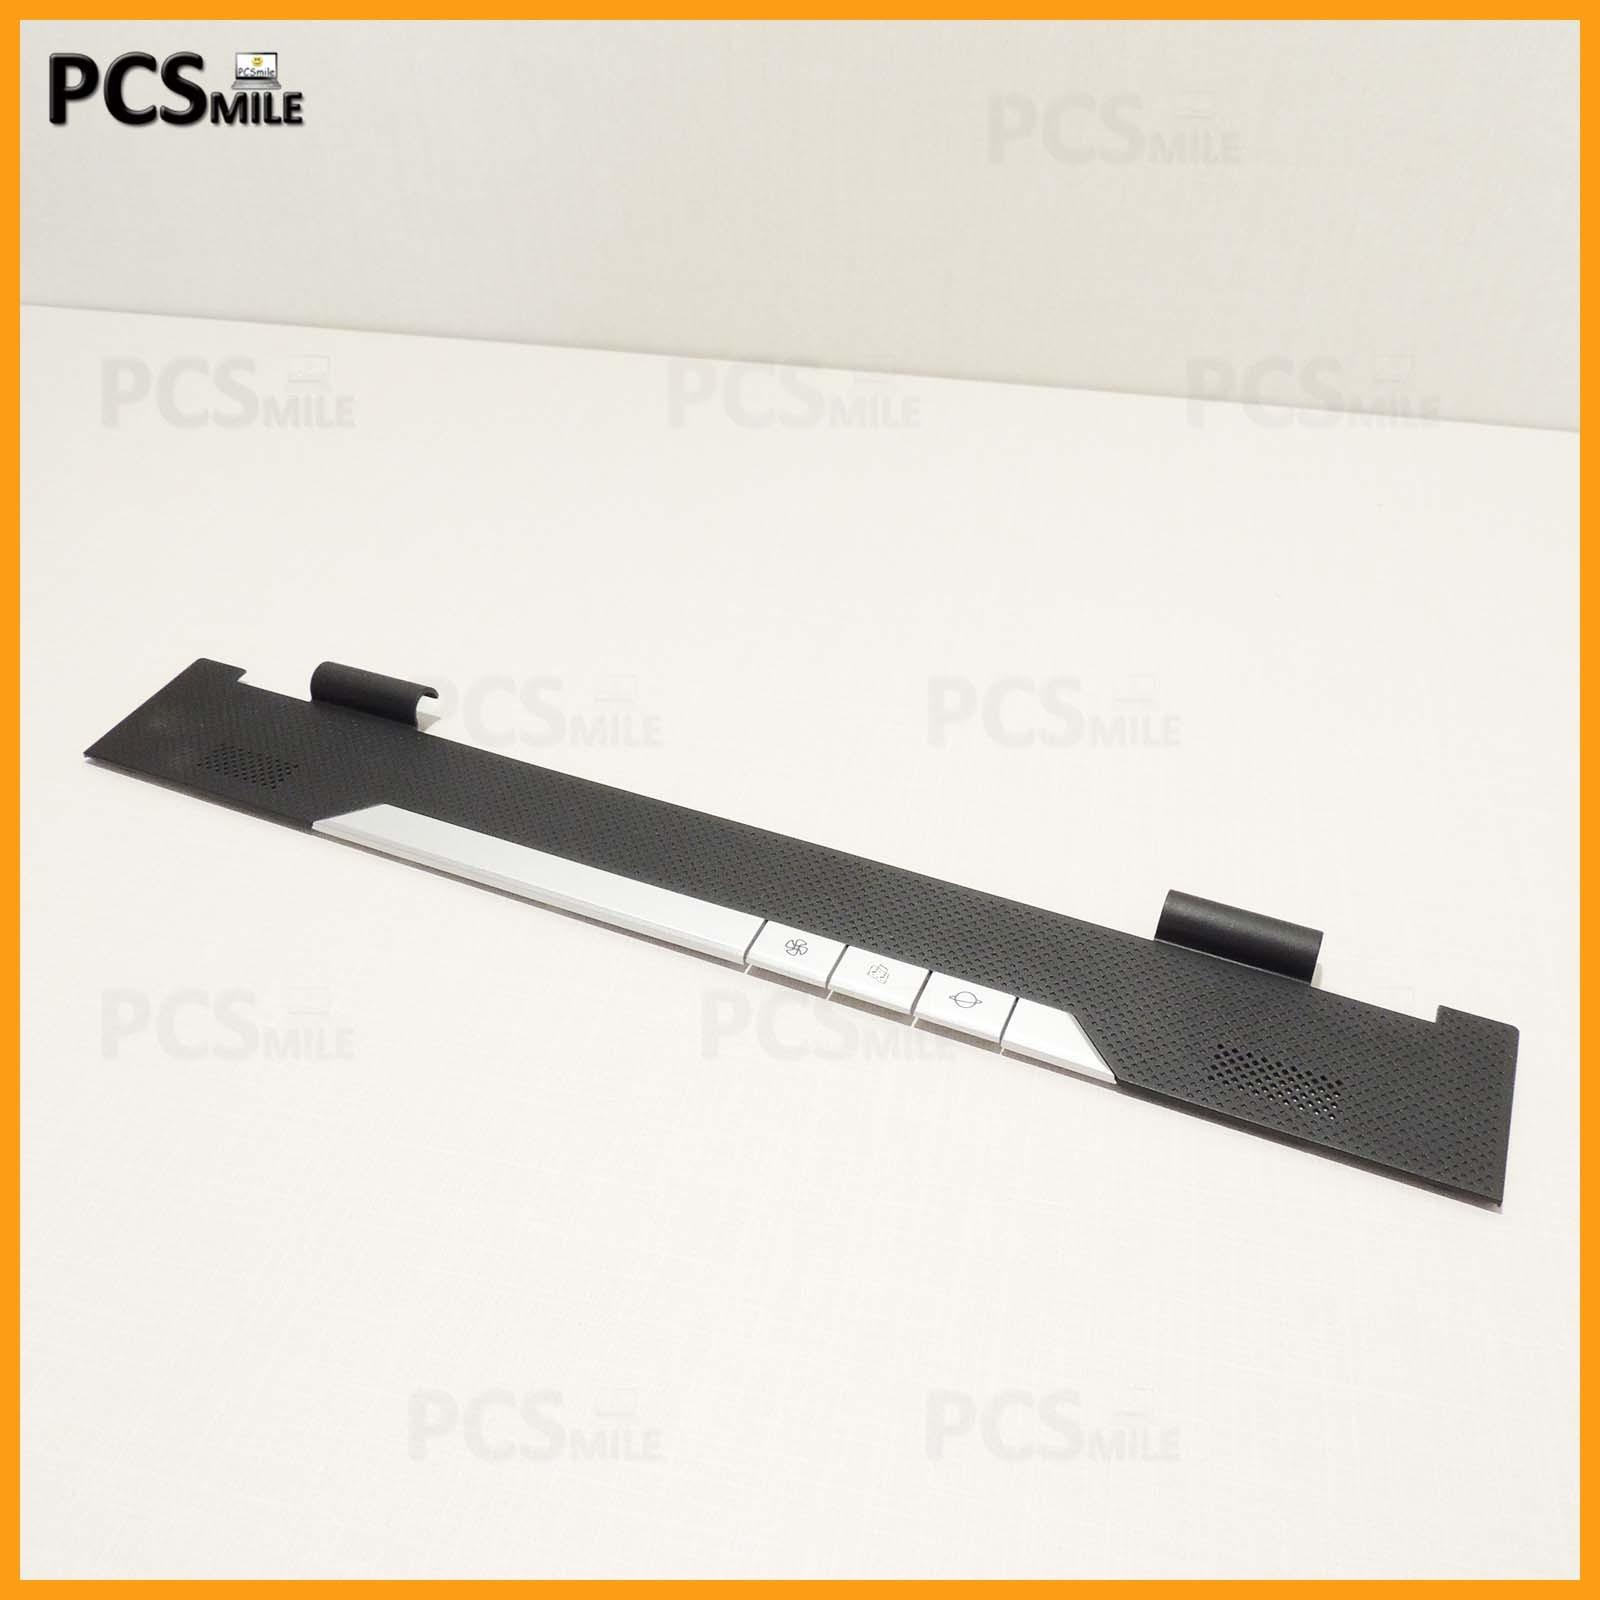 Pannello multimediale scocca Amilo PA 3553 MS2242 Fujitsu Siemens 42.4H701